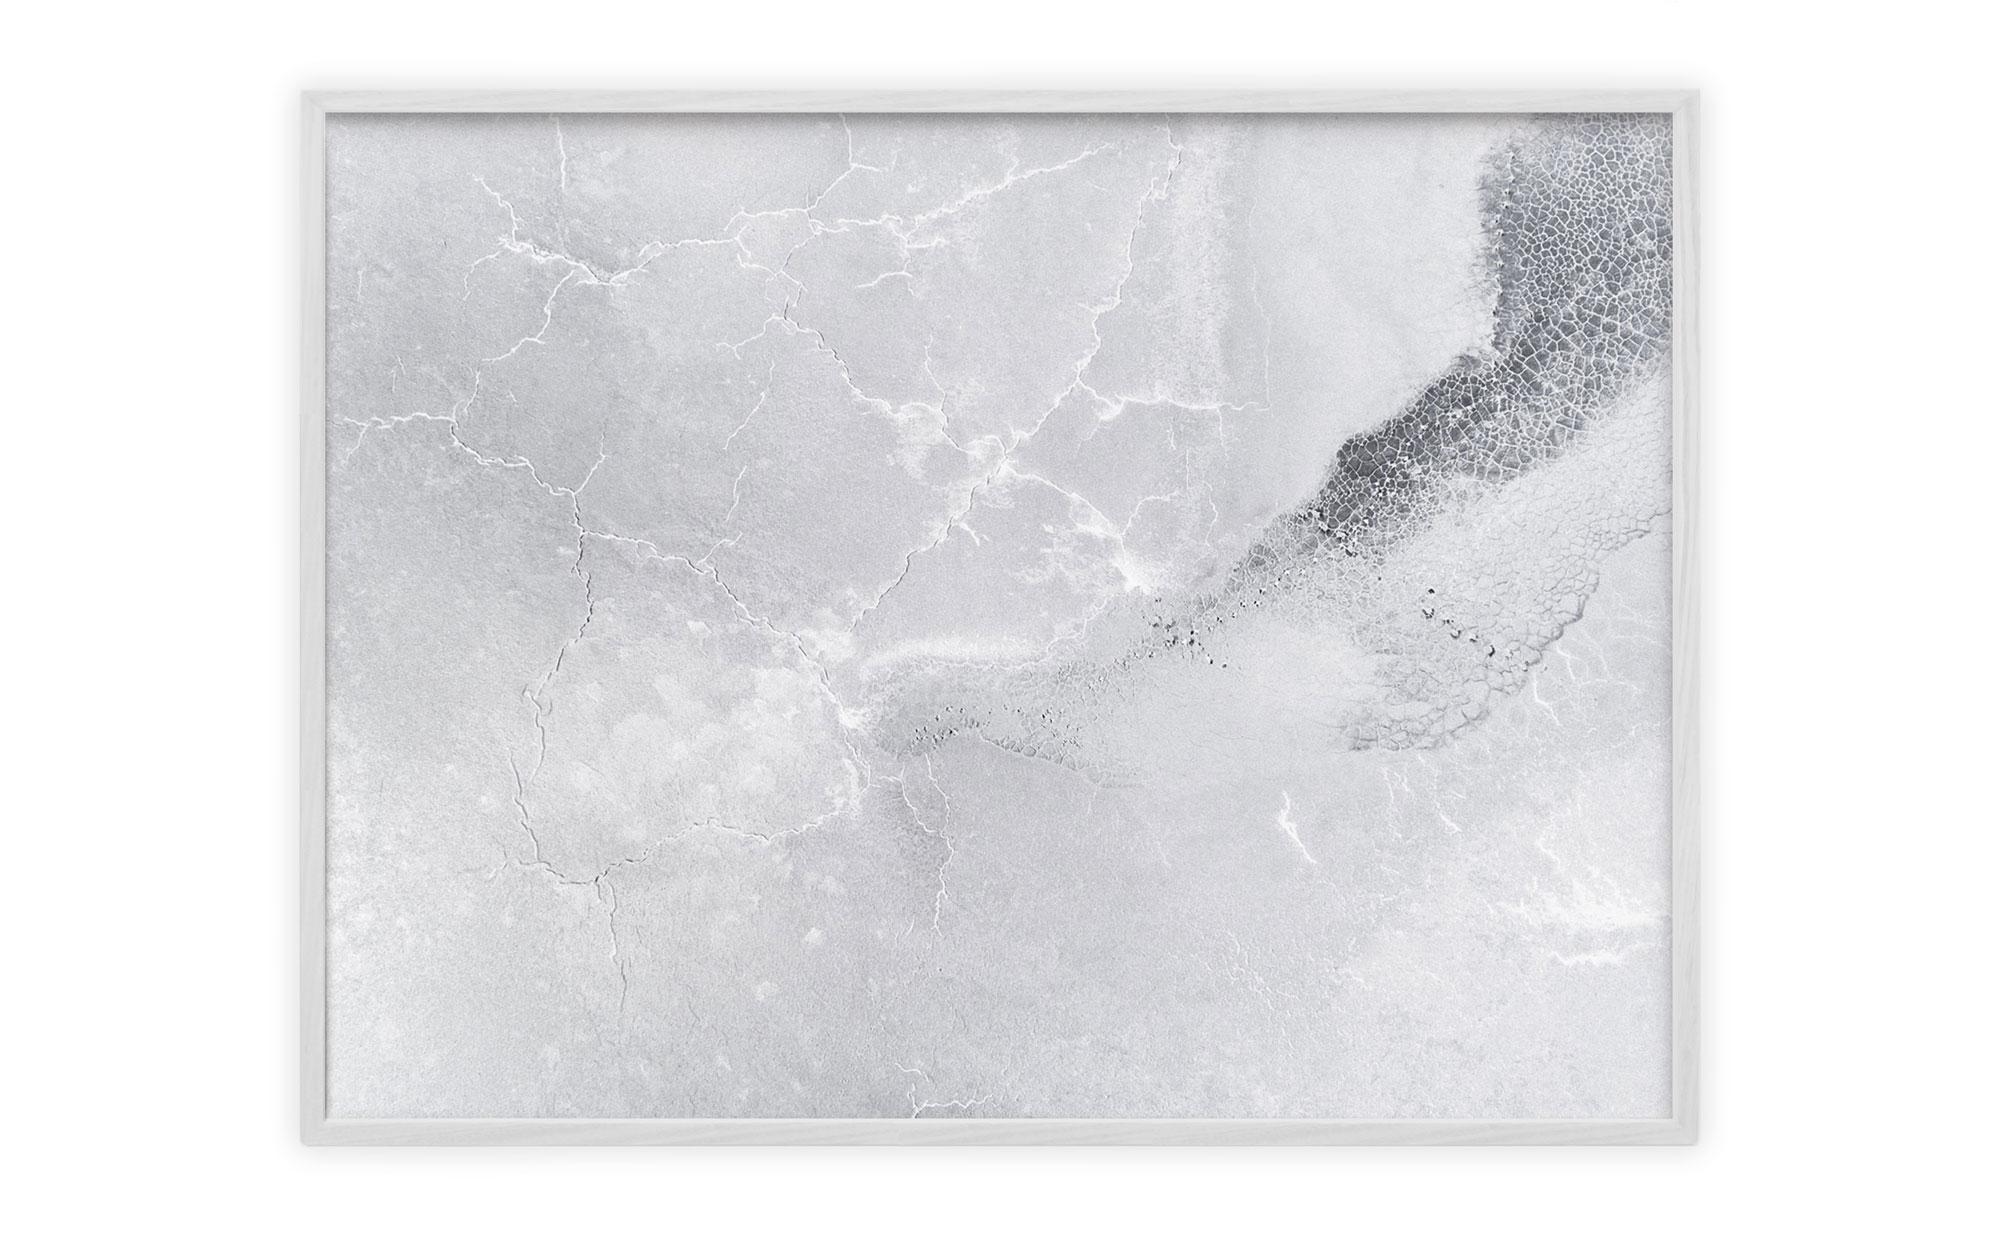 Maegan_Brown_Salt_Stone_04_Framed_White.jpg